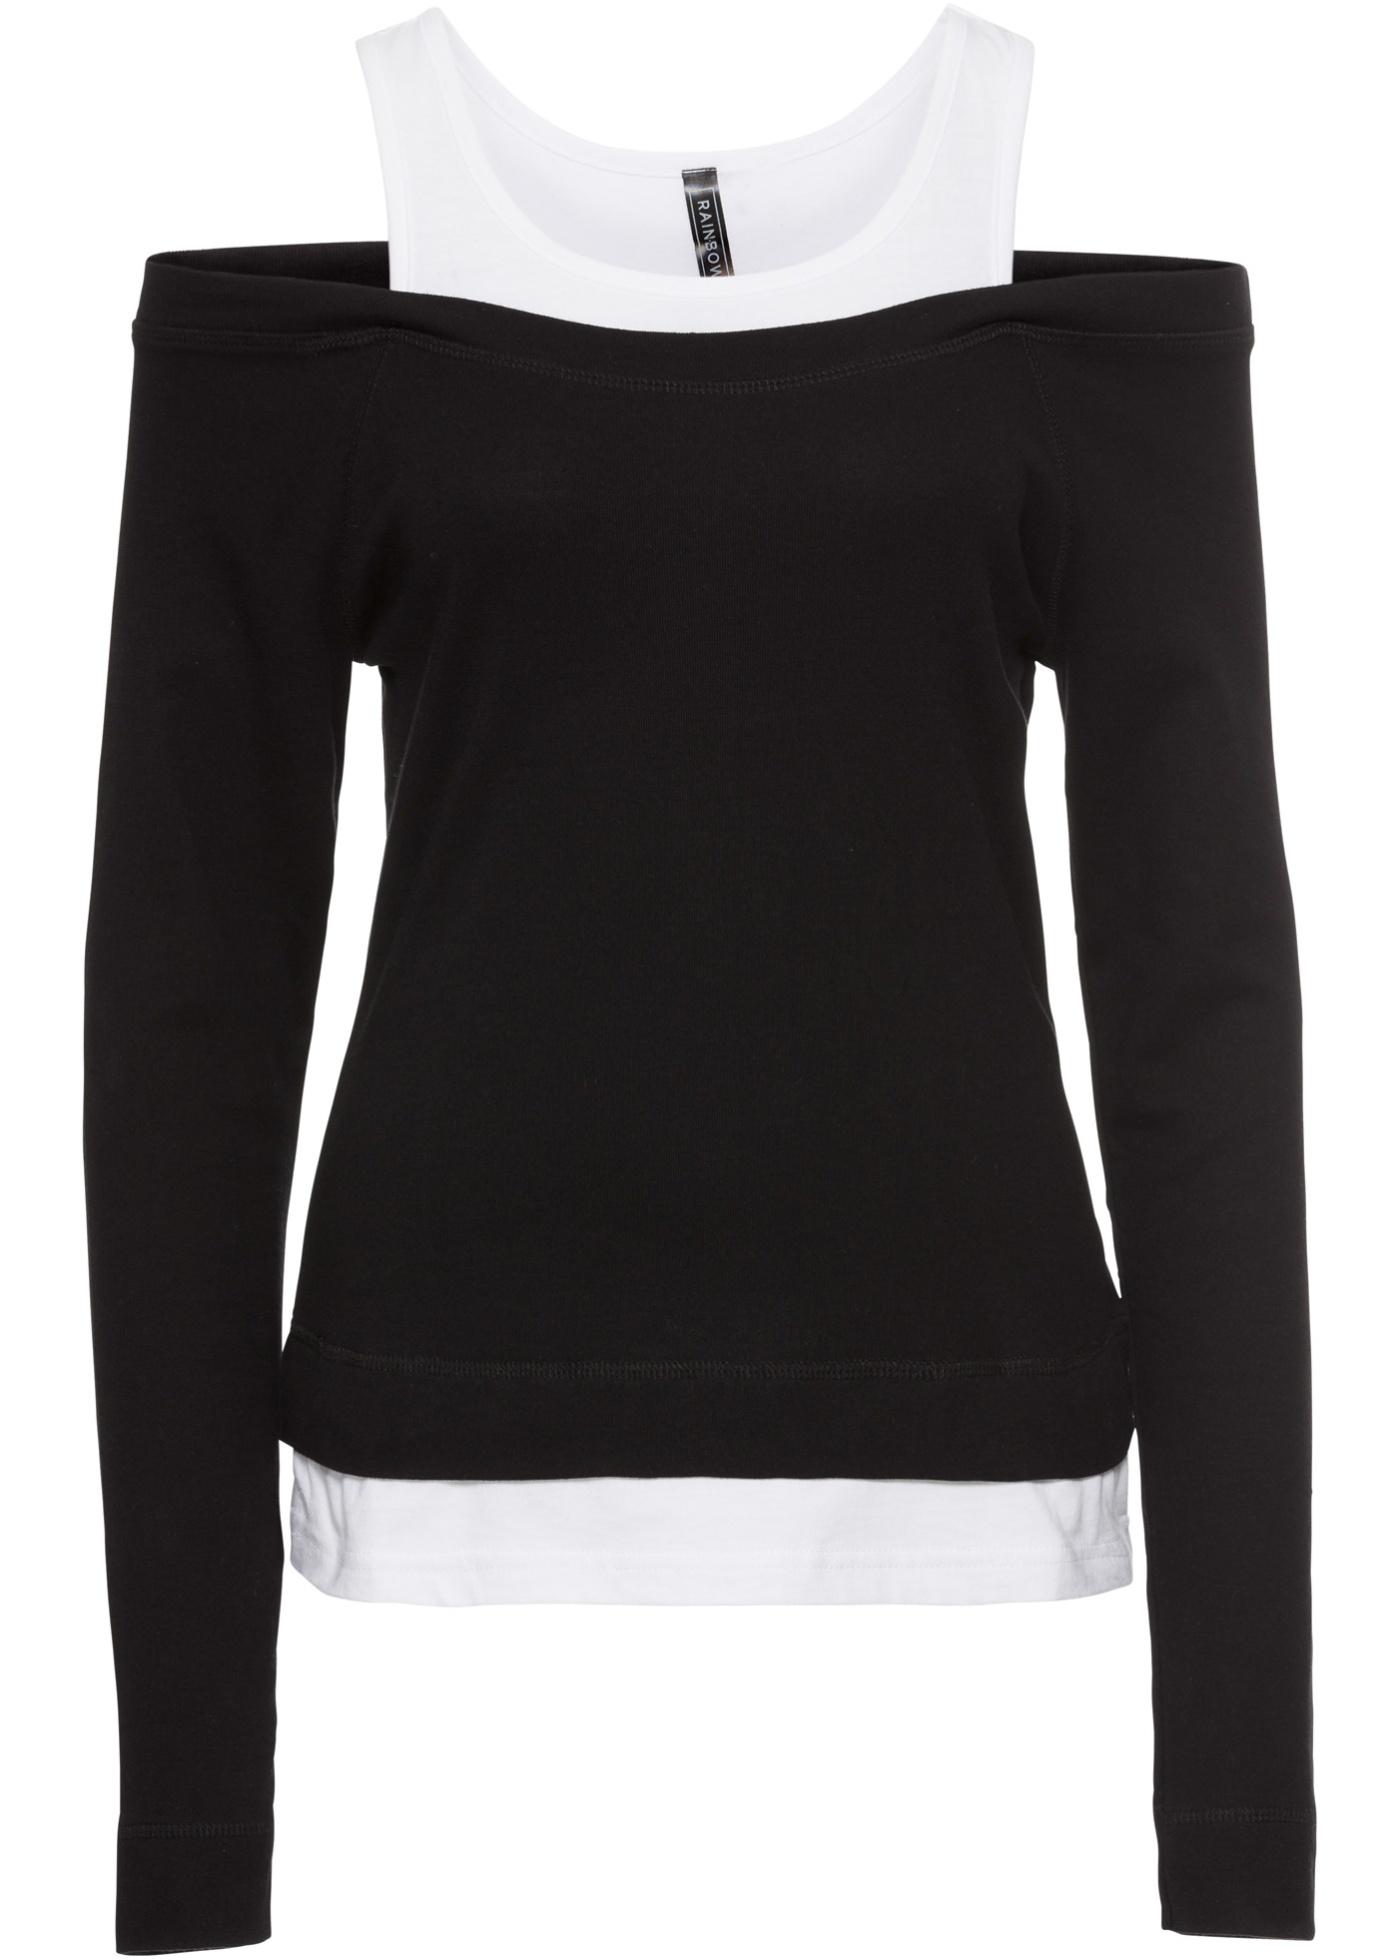 Noir 2 Pour Style Femme Rainbow shirt 1 Manches Longues En BonprixT Tc3JlKF1